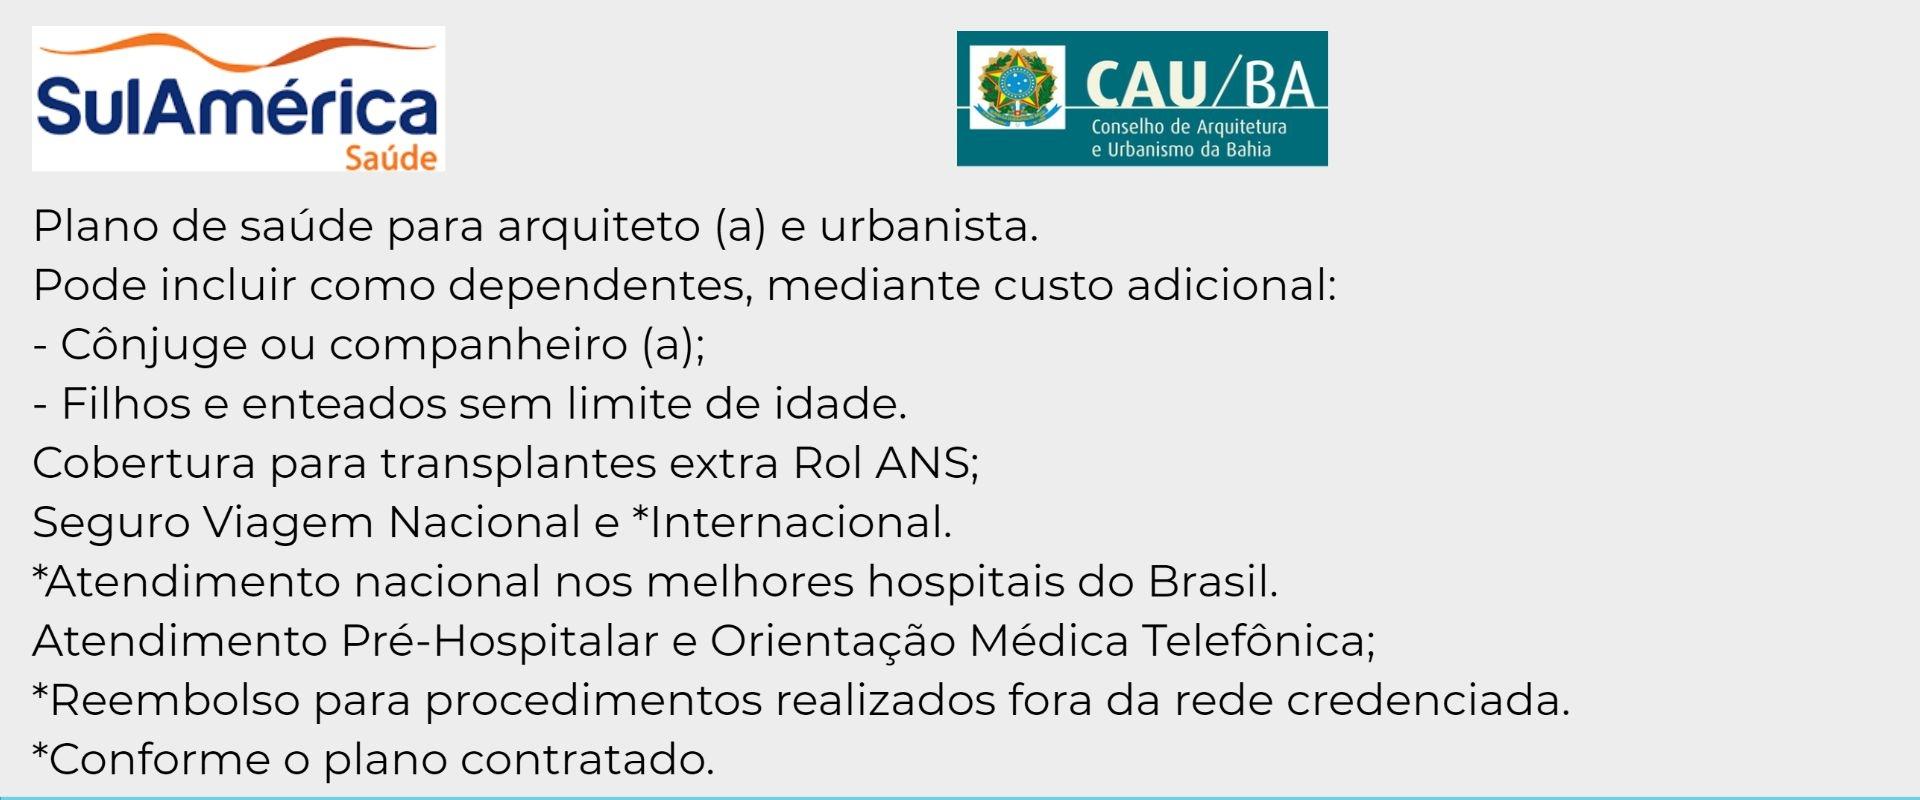 Sul América CAU-BA